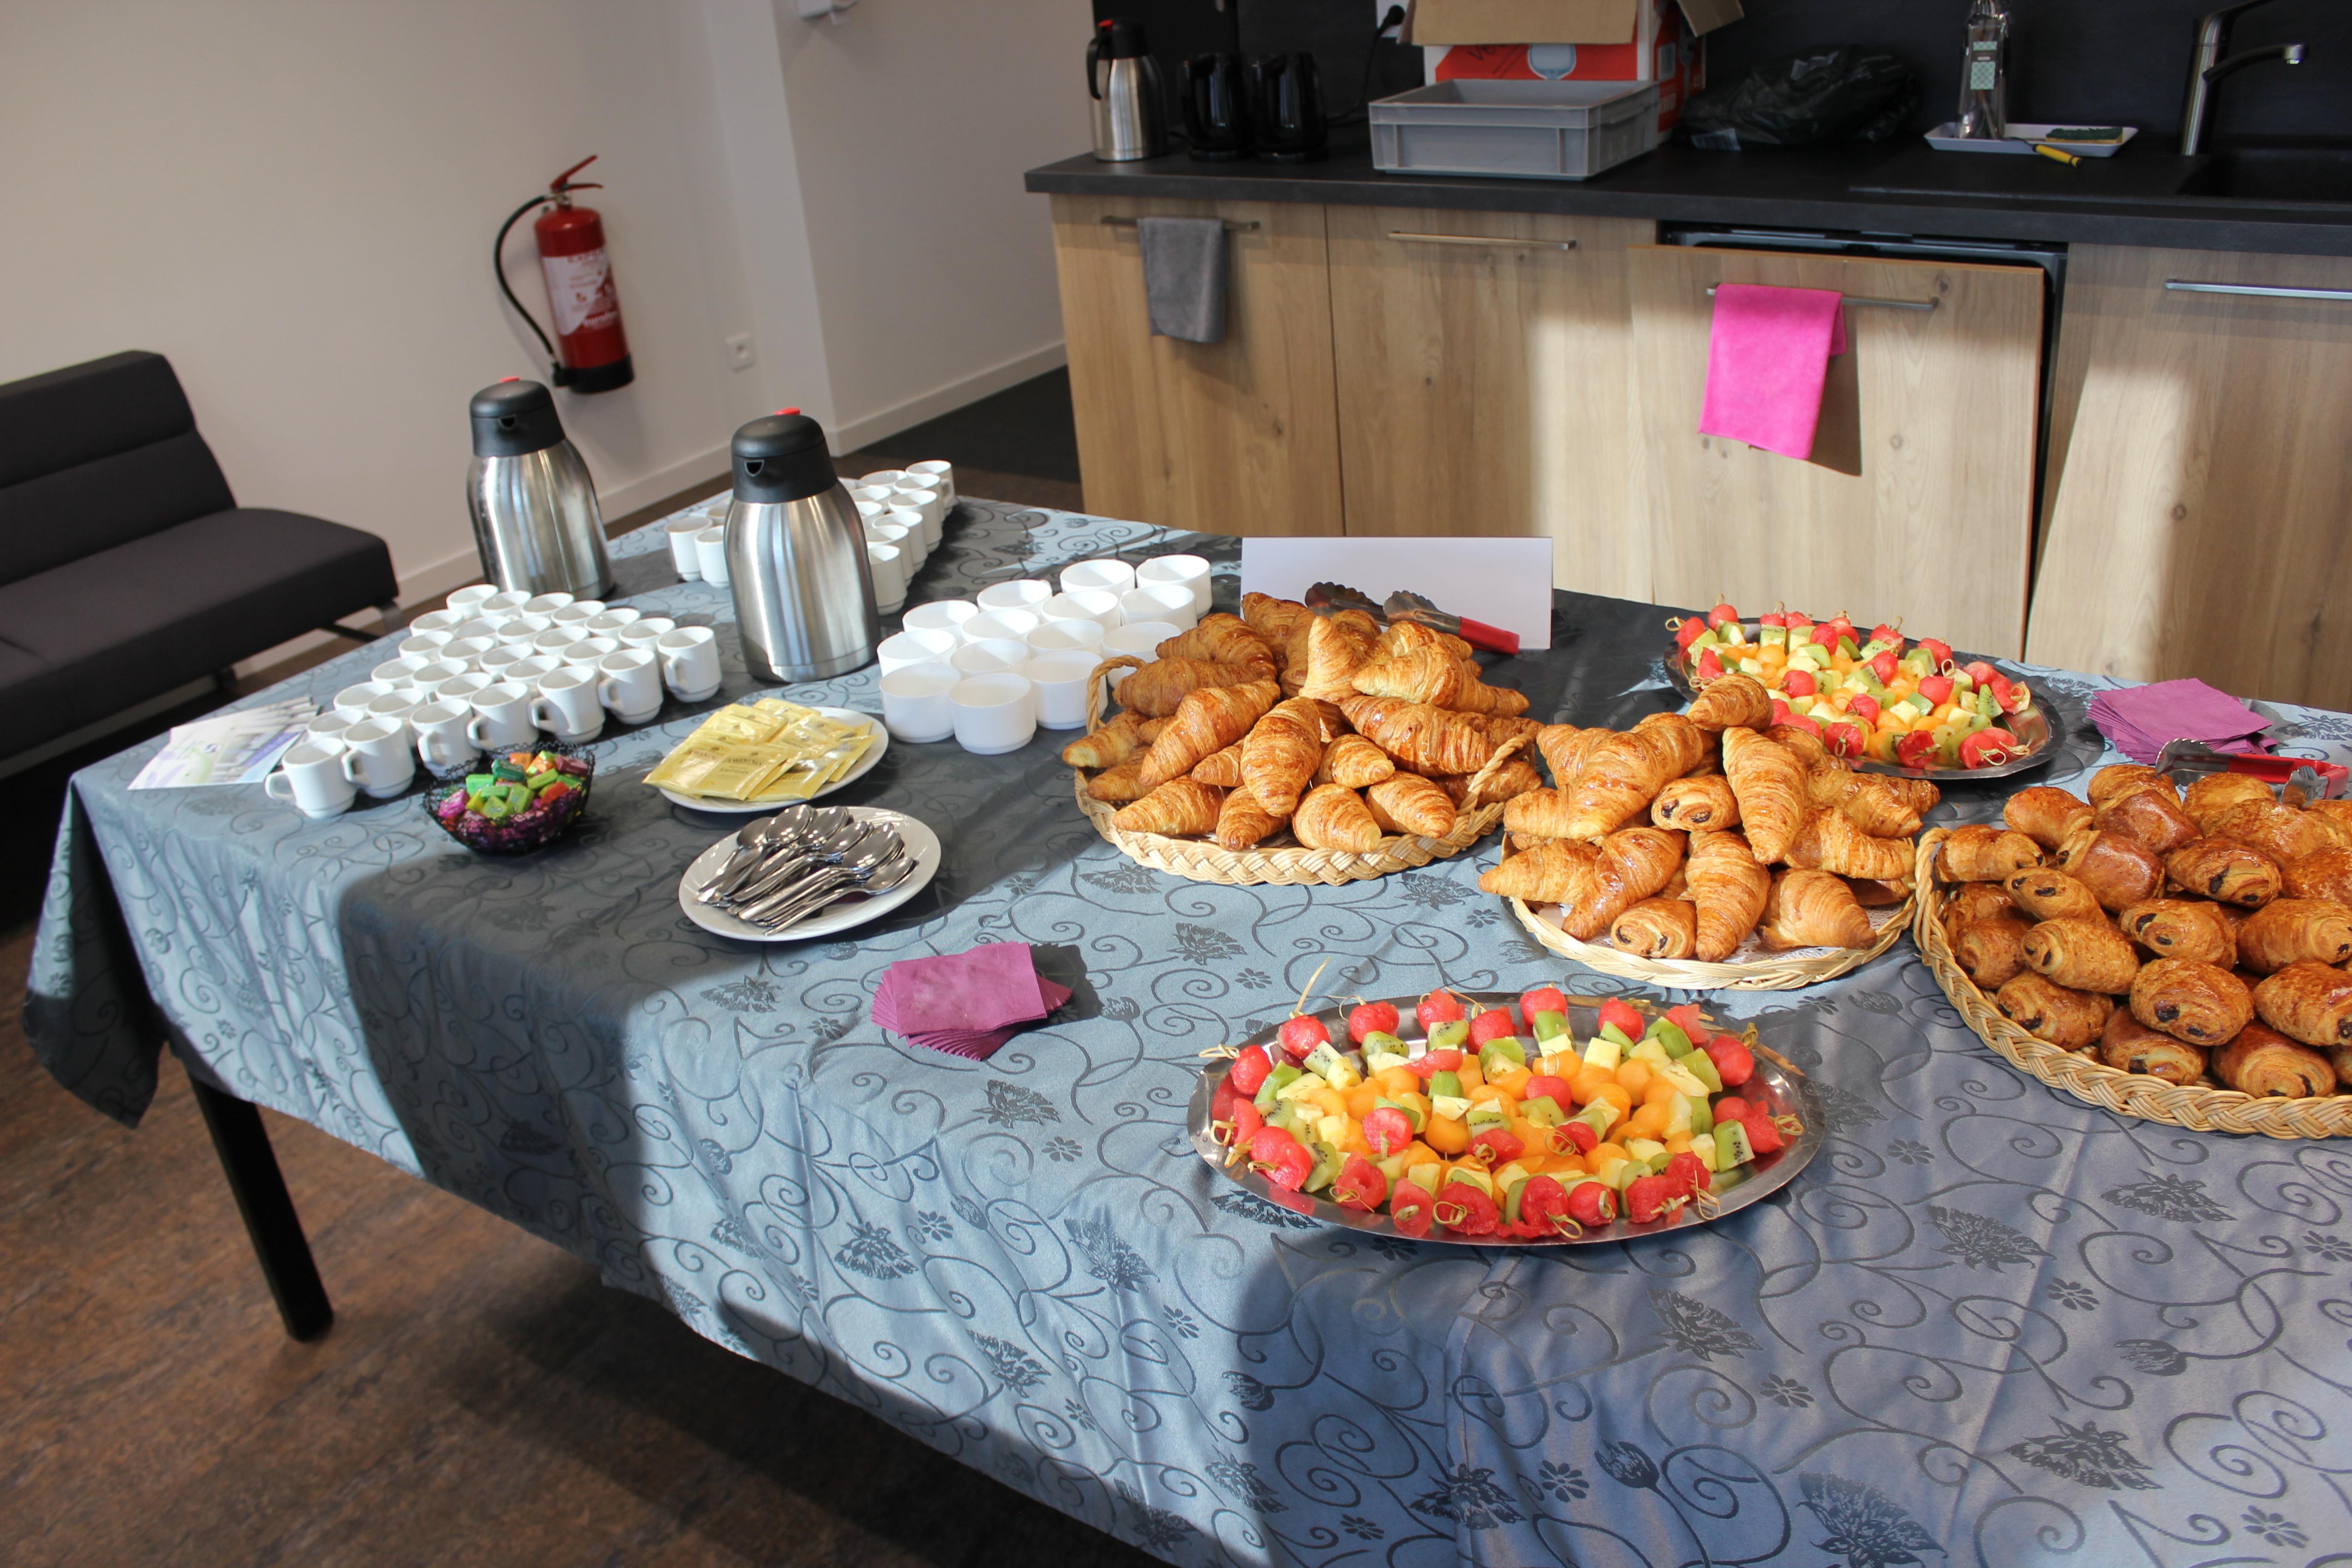 Petit déjeuner, croissants autour de l'atelier handicap psychique, DCA Handicap pour l'insertion professionnelle des personnes en situation de handicap invisible.